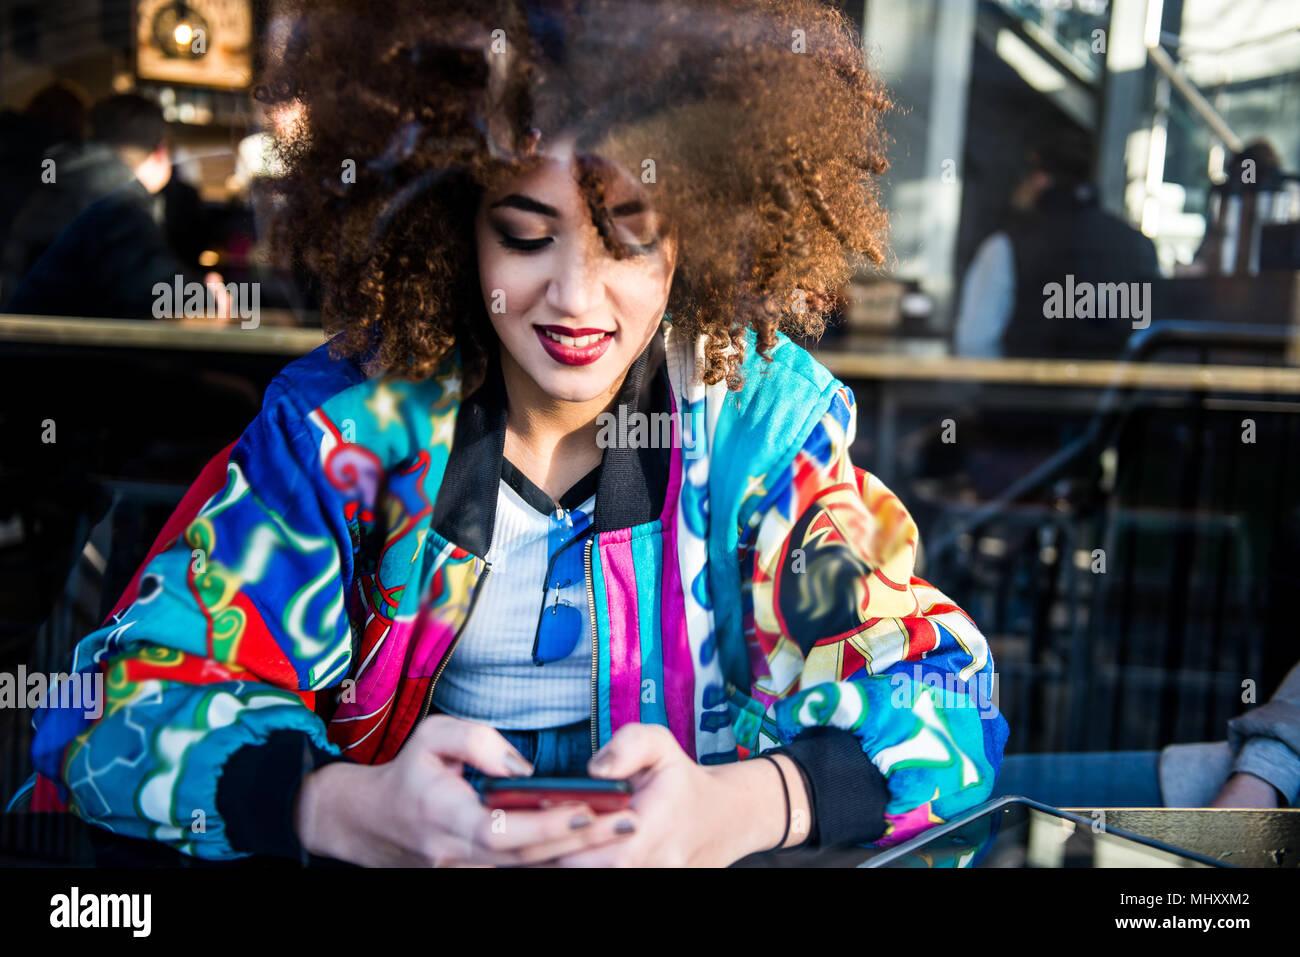 Giovane ragazza seduta nel bar, utilizza lo smartphone, vista attraverso la finestra, London, England, Regno Unito Foto Stock